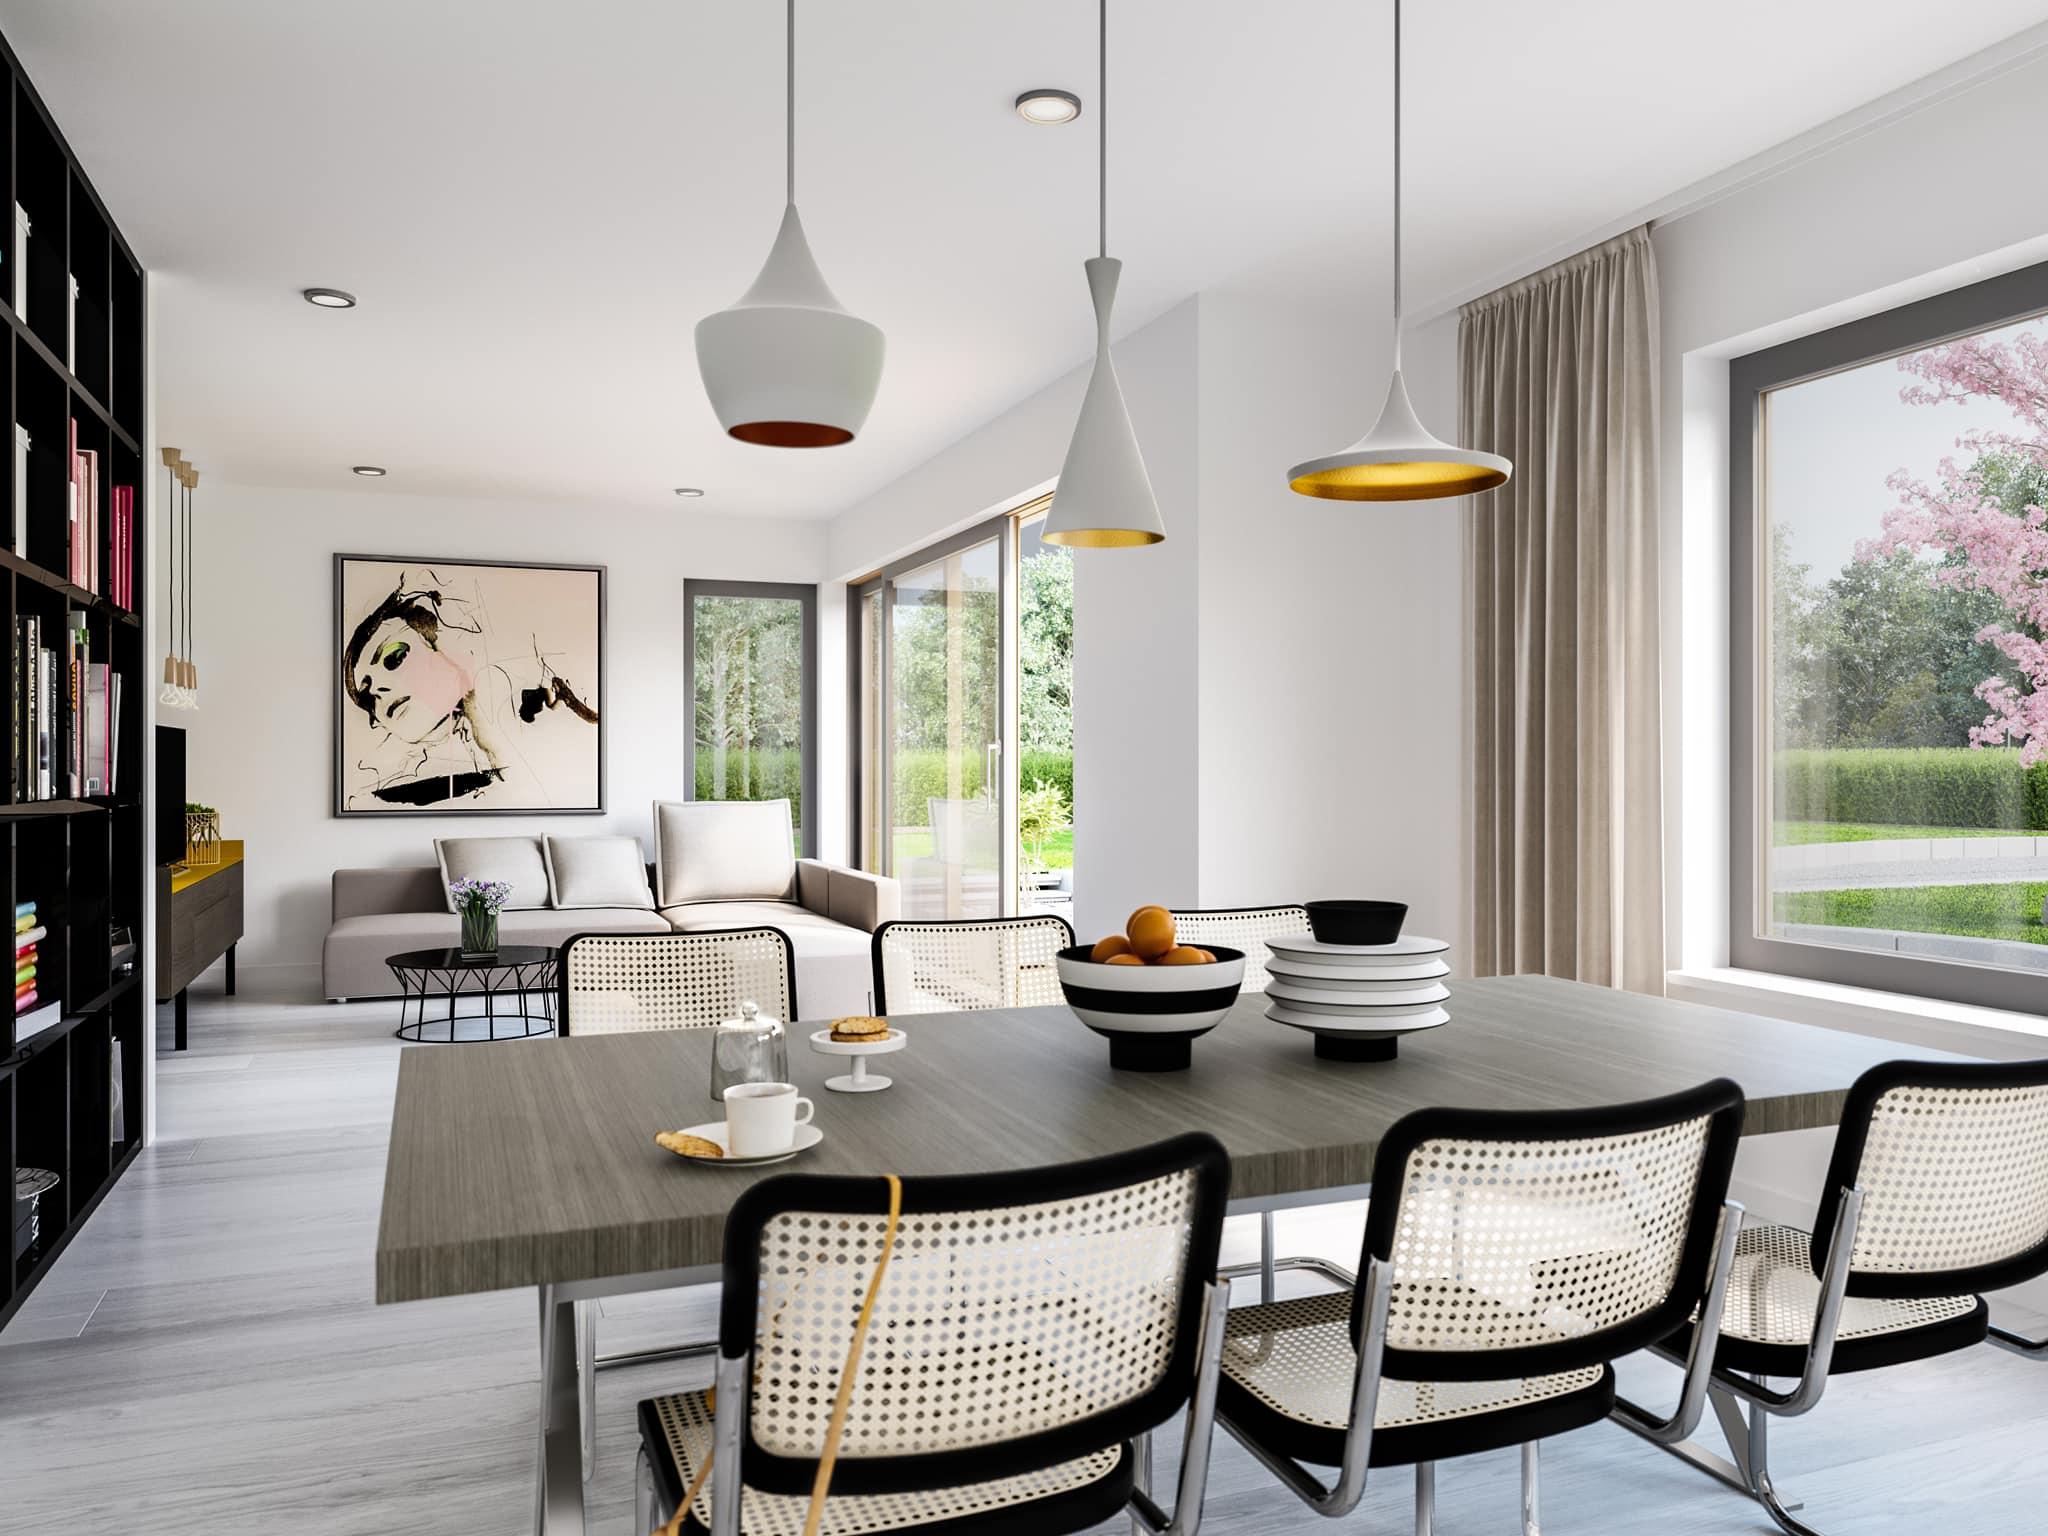 Offenes Wohn-Esszimmer modern - Ideen Einrichtung Bien Zenker Fertighaus Stadtvilla FANTASTIC 165 V7 - HausbauDirekt.de